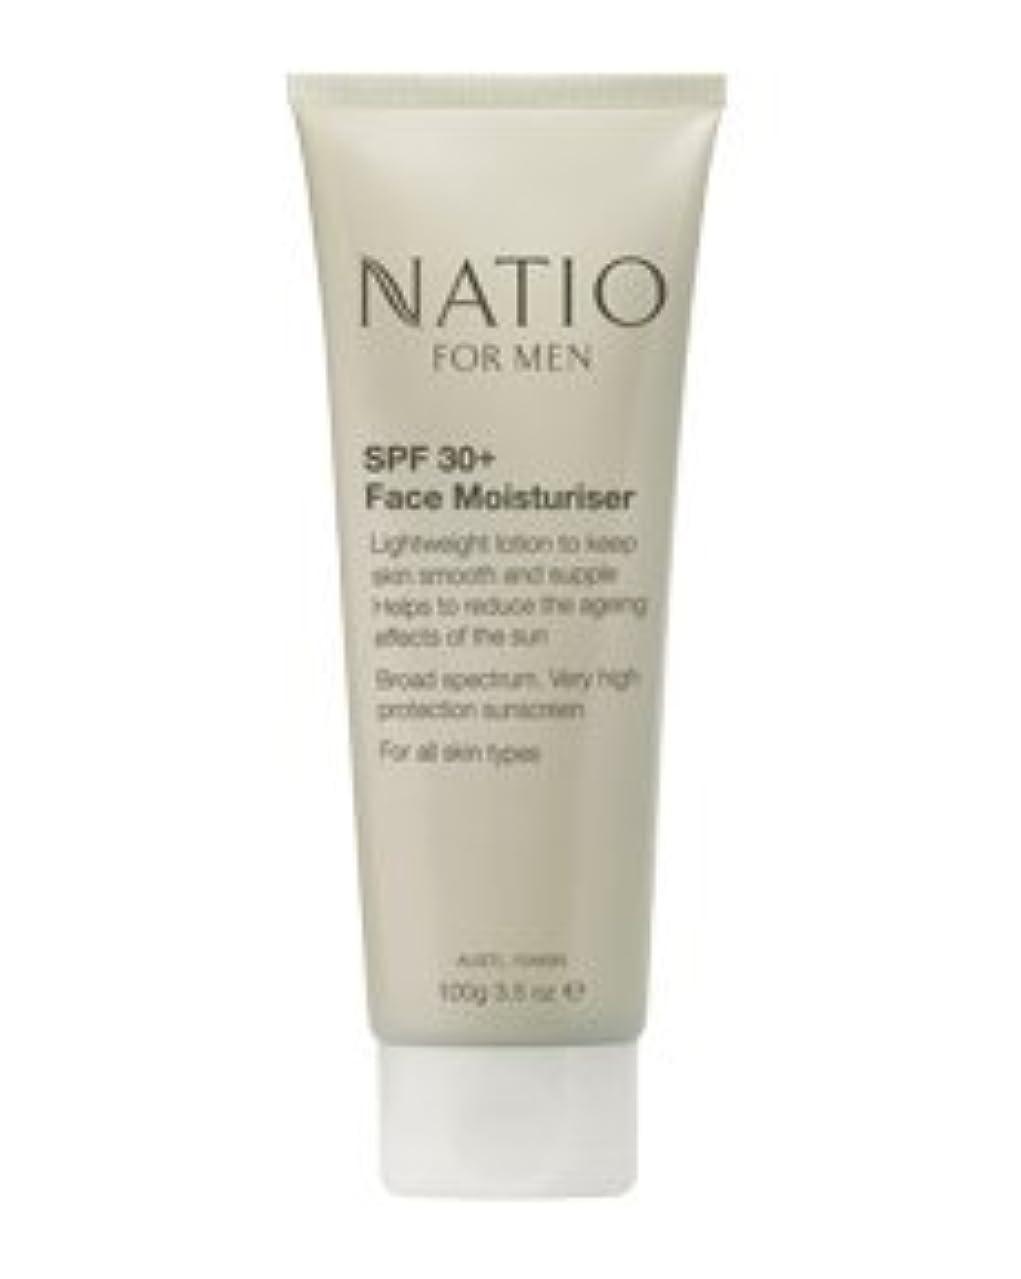 アトミック第二に森林【NATIO FOR MEN SPF 30+ Face Moisturiser】 ナティオ  SPF 30+ フェイス モイスチャライザー [海外直送品]